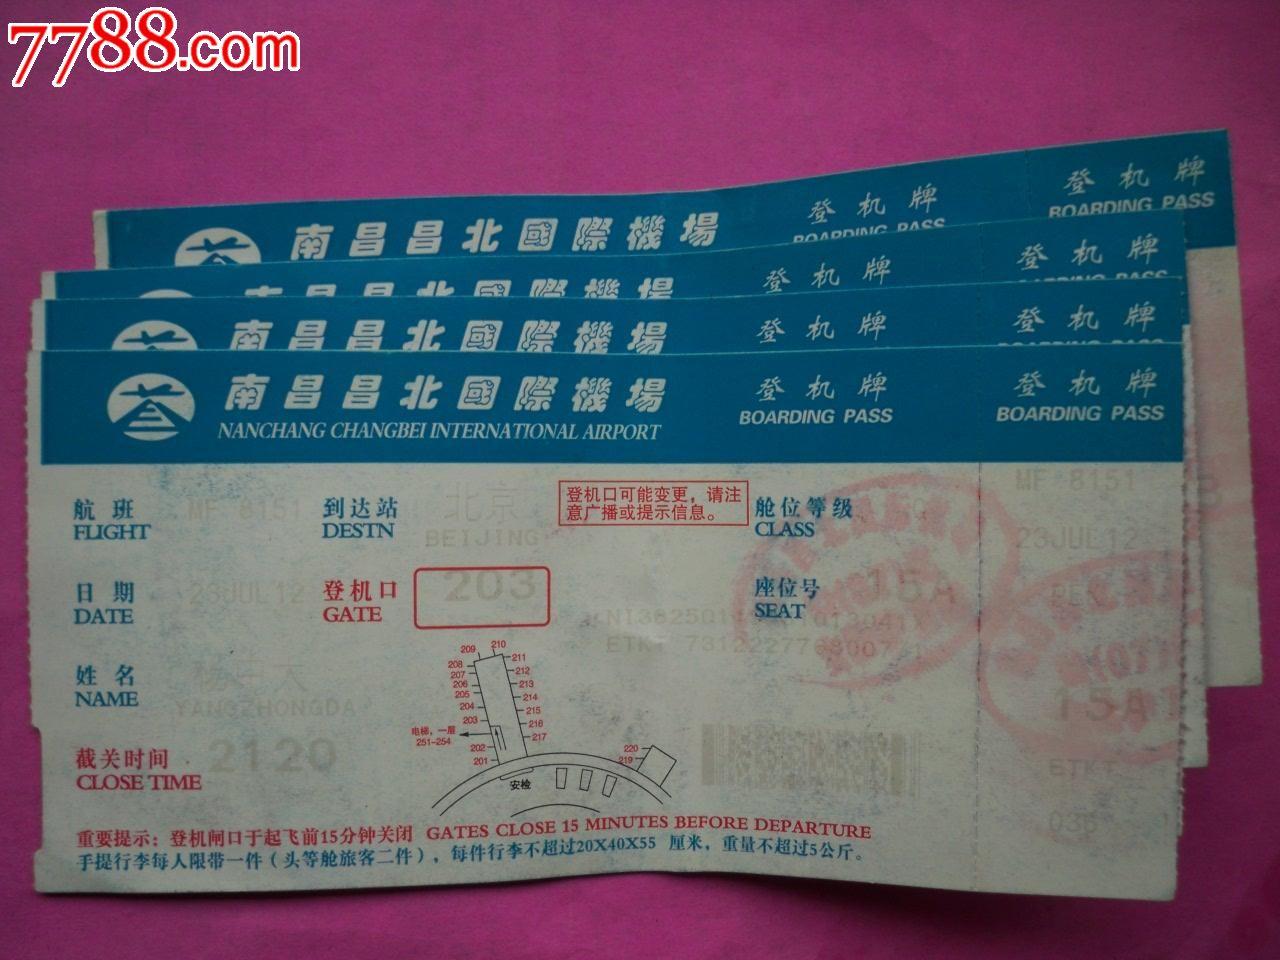 南昌昌北国际机场登机牌-价格:2元-se21005459-飞机